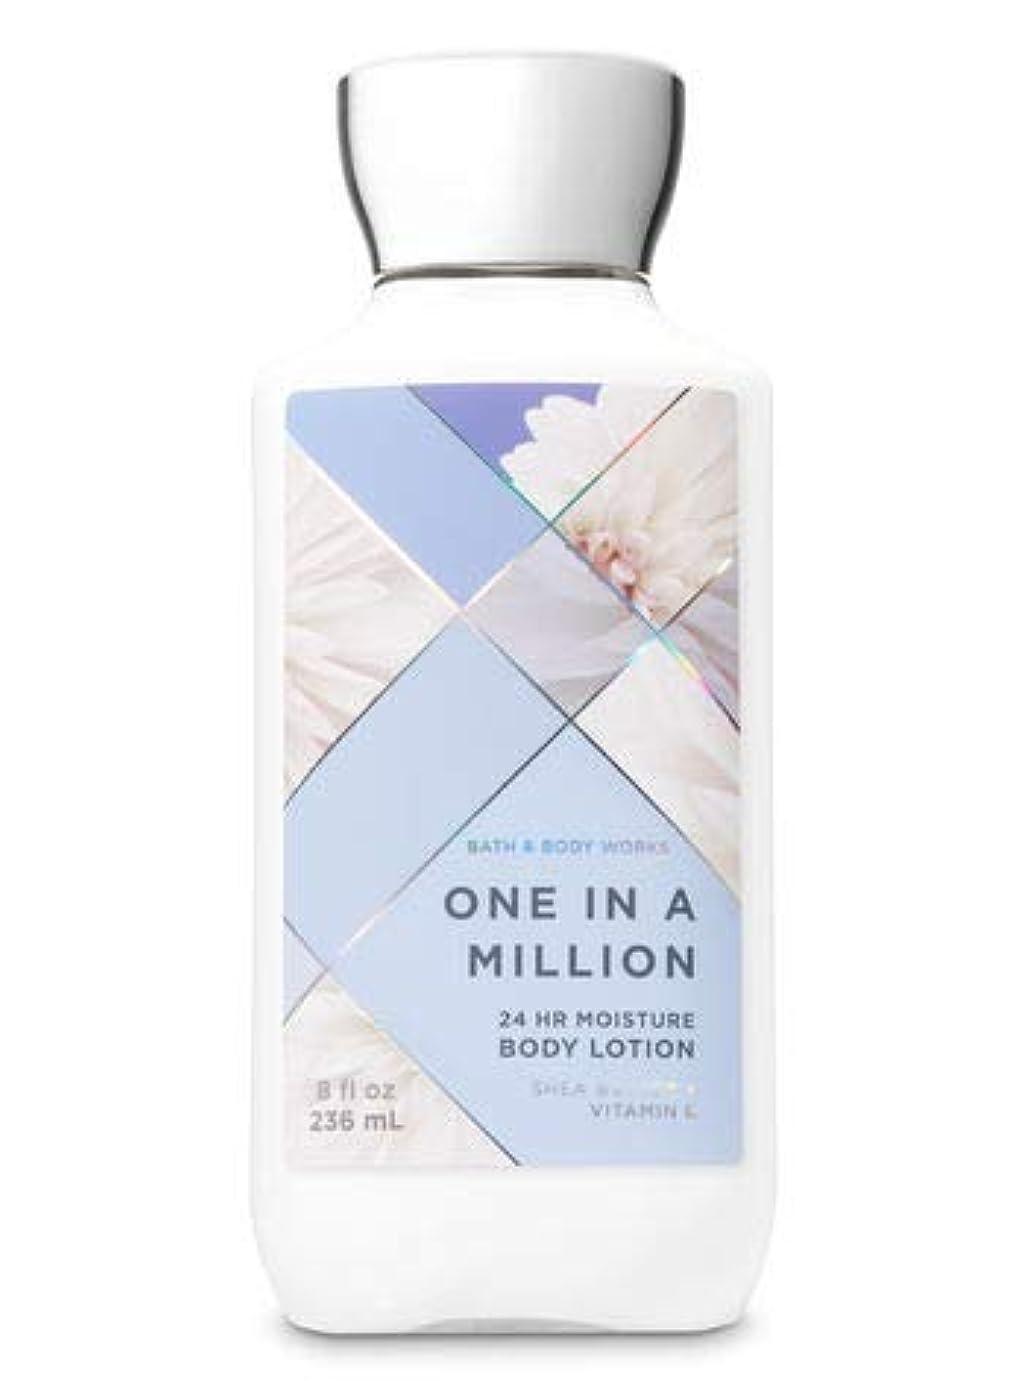 空洞自伝腐敗した【Bath&Body Works/バス&ボディワークス】 ボディローション ワンインアミリオン Super Smooth Body Lotion One in a Million 8 fl oz / 236 mL [並行輸入品]